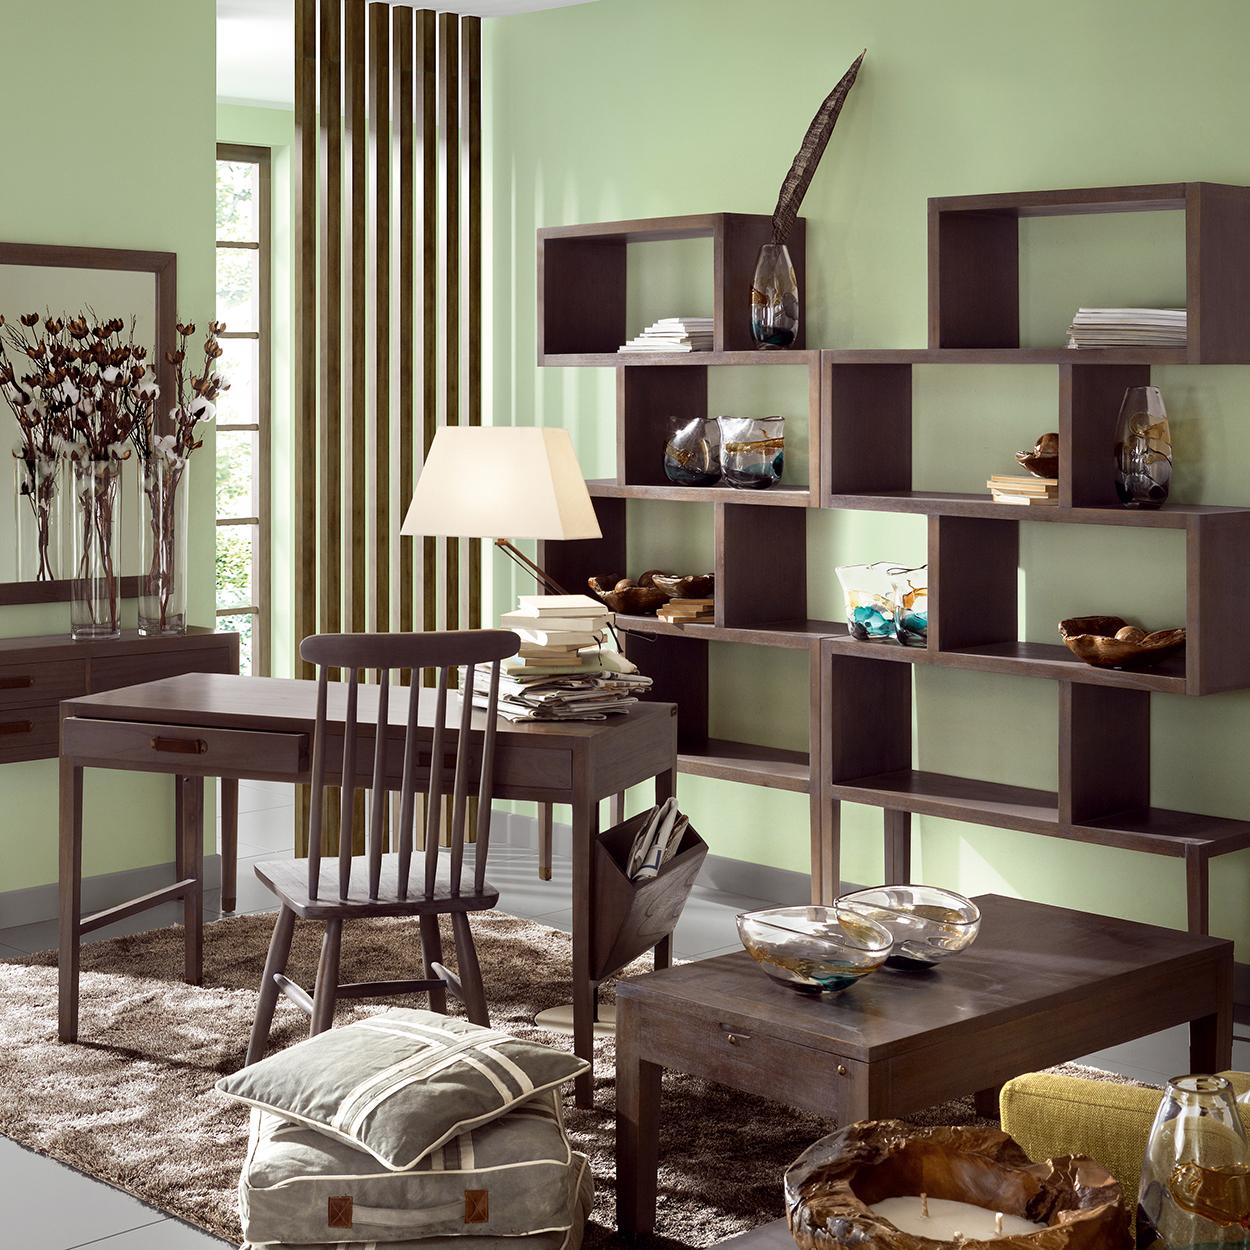 Muebles de sal n estanterias y librerias orden para el salon - Librerias para el salon ...